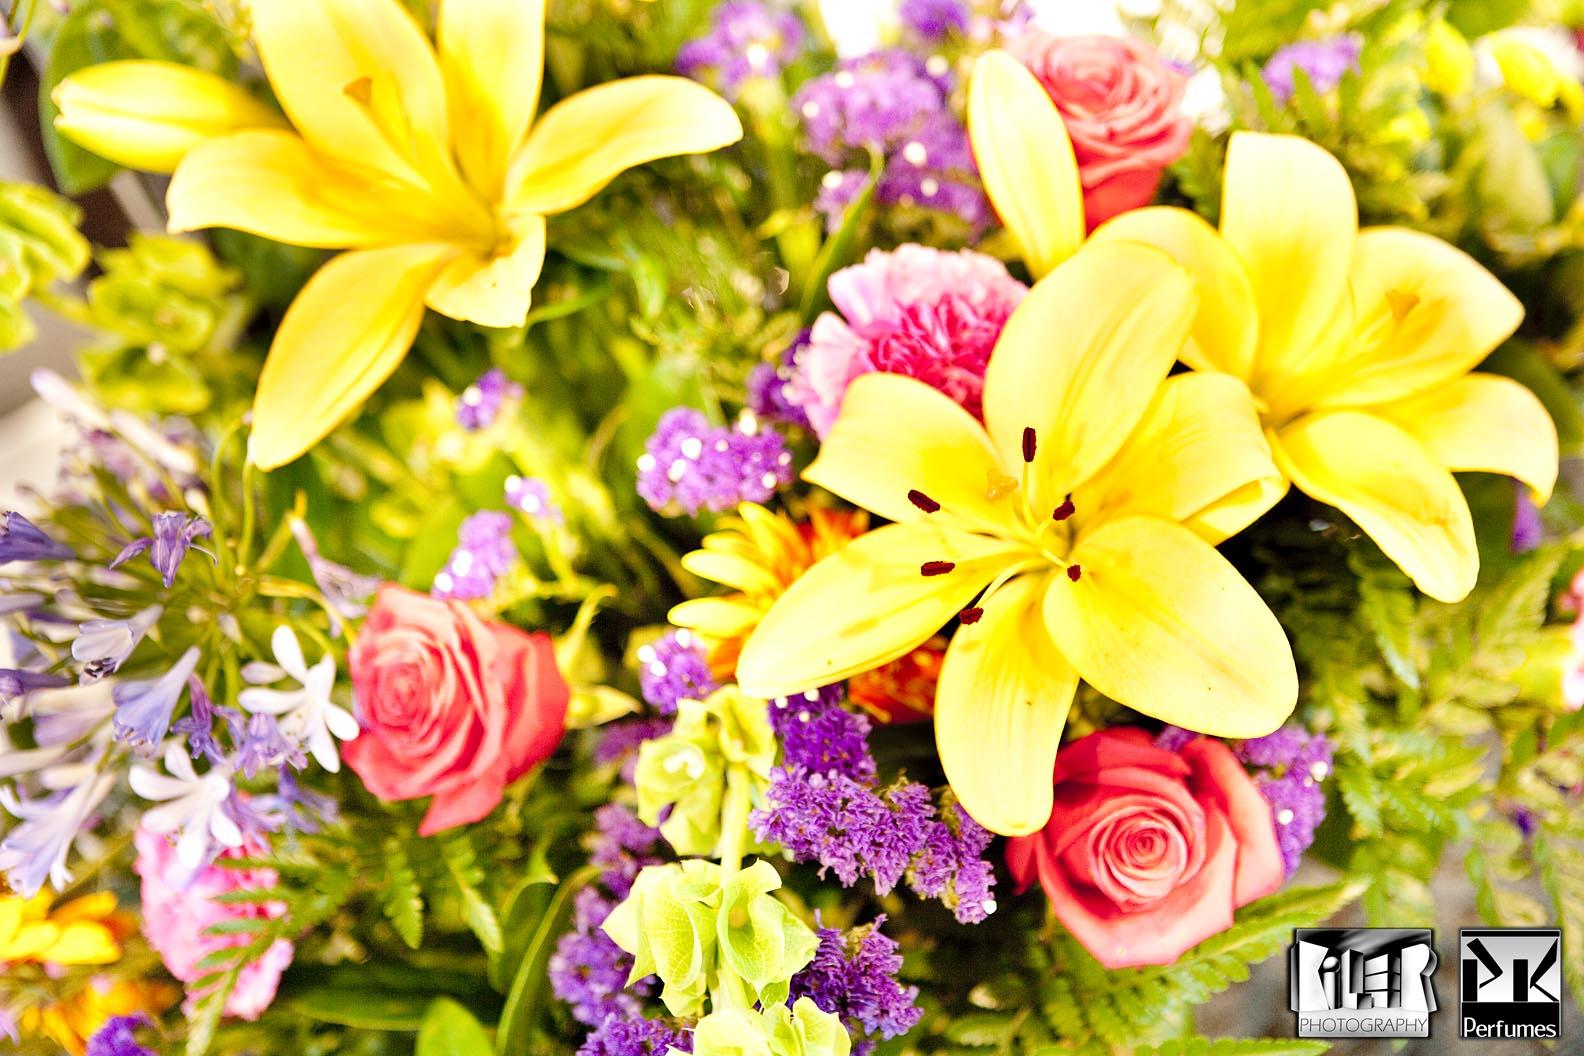 Floral Bouquet 2 - PK Perfumes